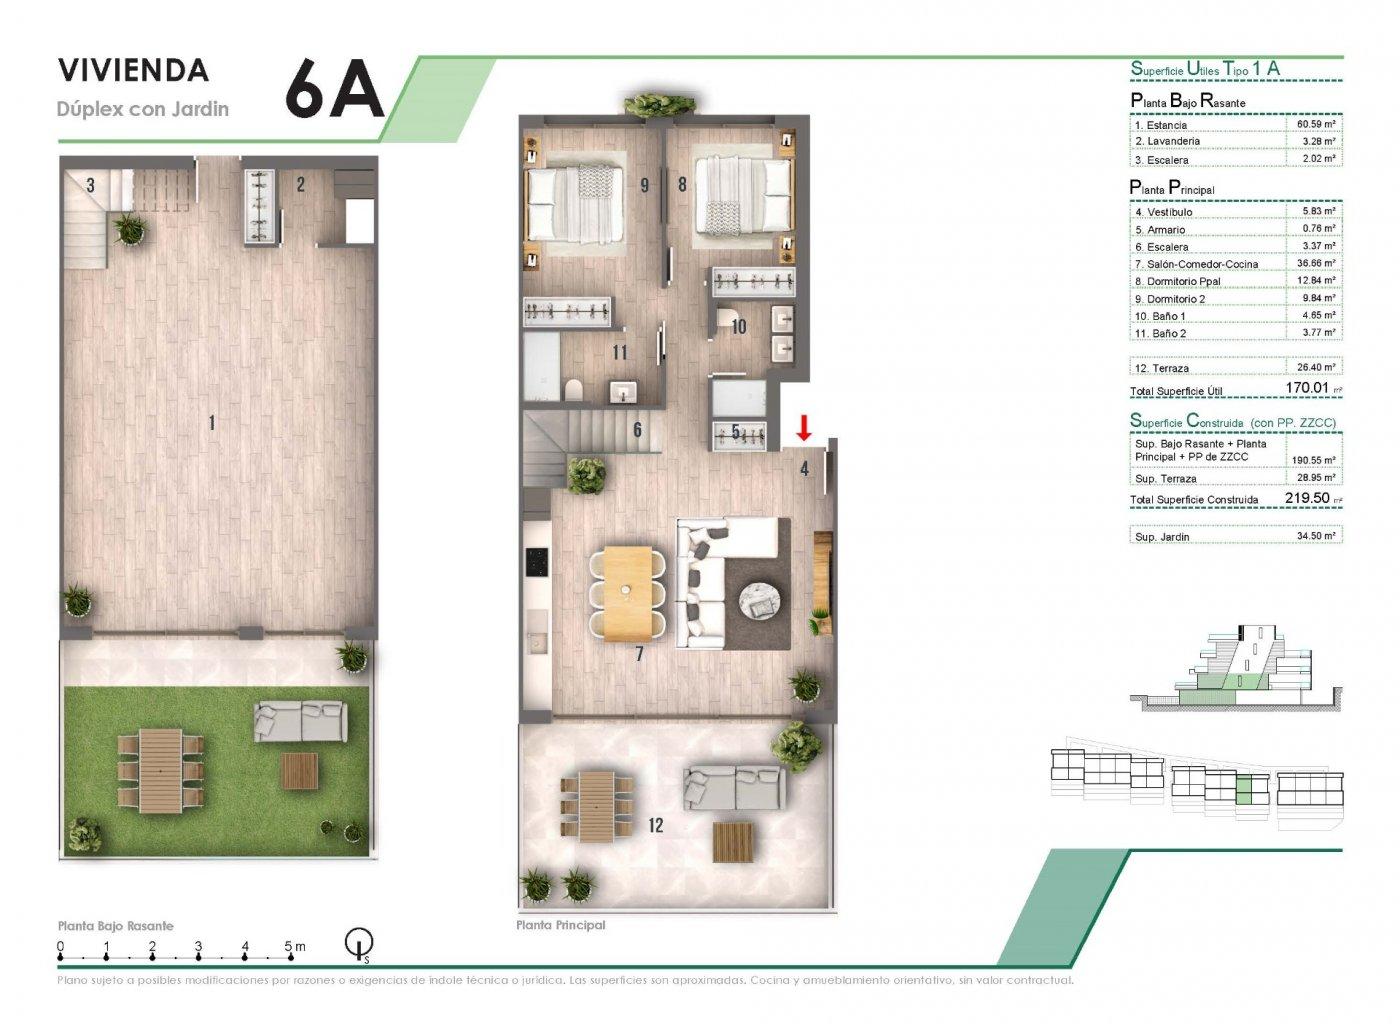 Nuevo complejo residencial en finestrat con vistas al mar!!! - imagenInmueble16